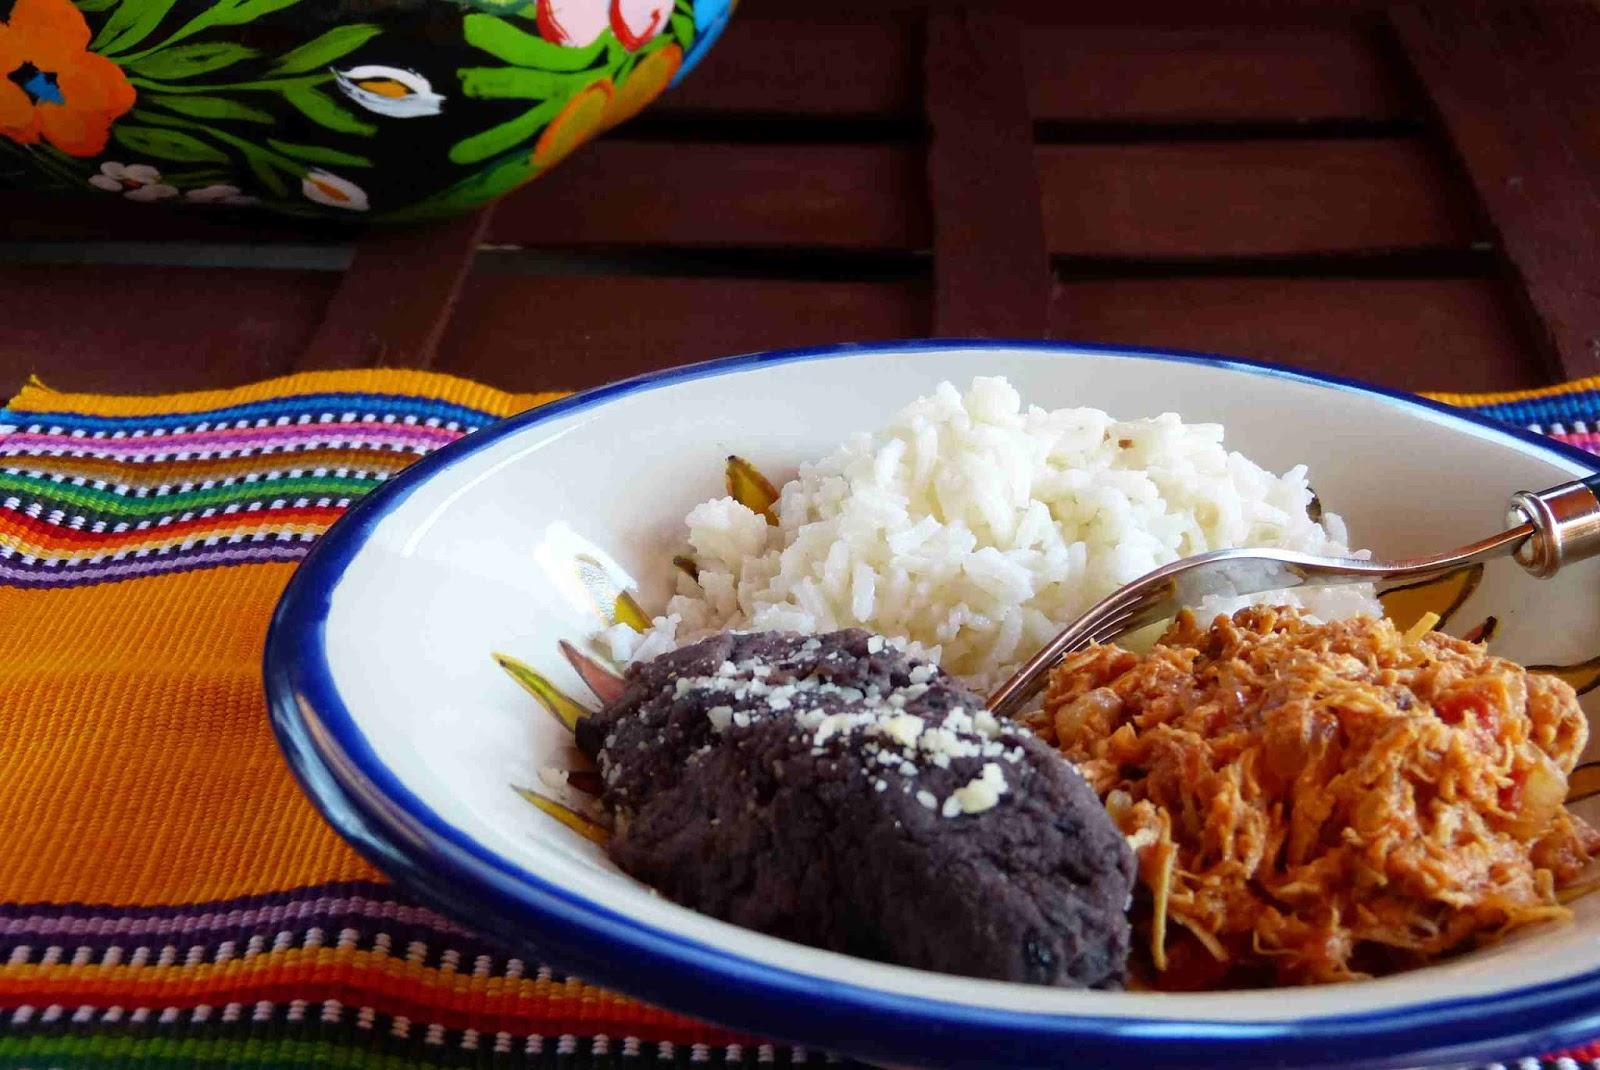 Plato con ingredientes para prepararse los tacos